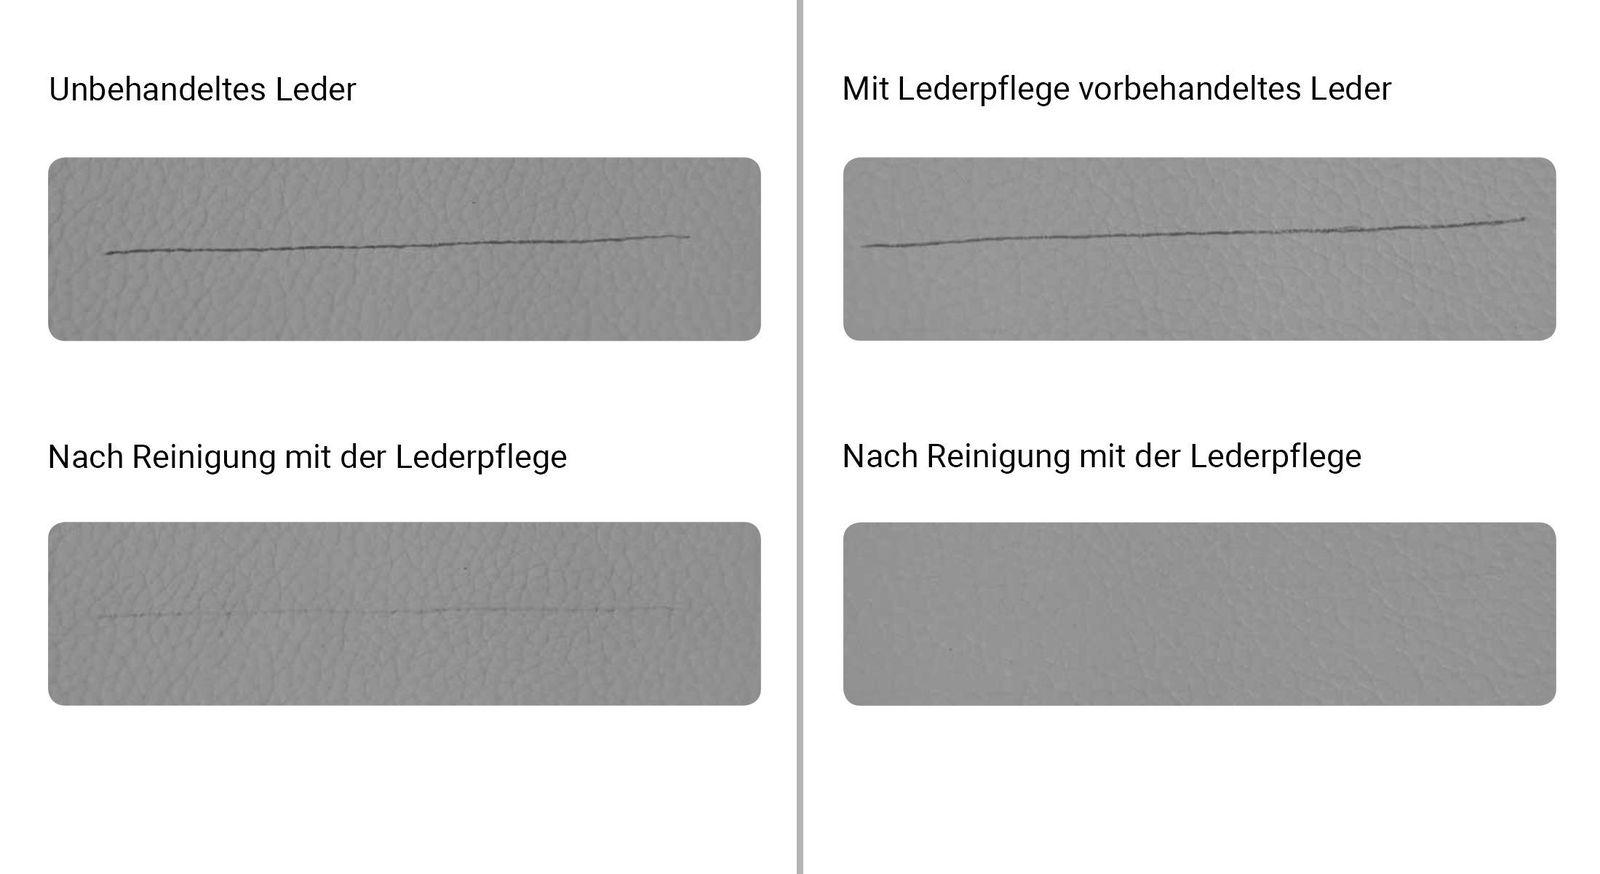 Effektives und wirksames Lederpflege-Set 3-in-1